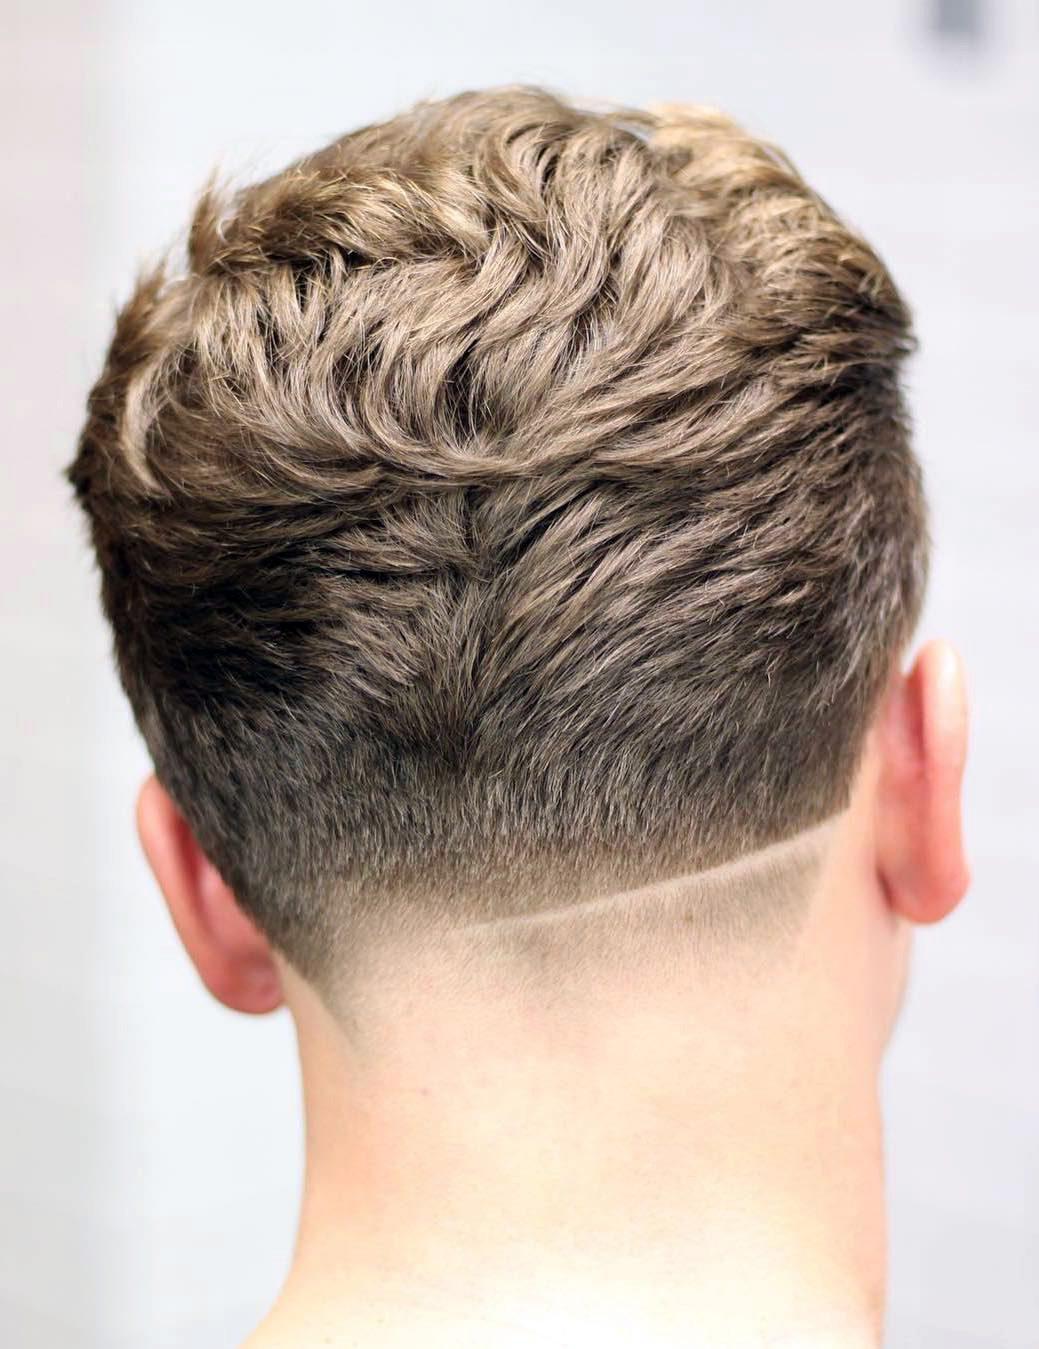 Tilted Neckline with Shaved Line